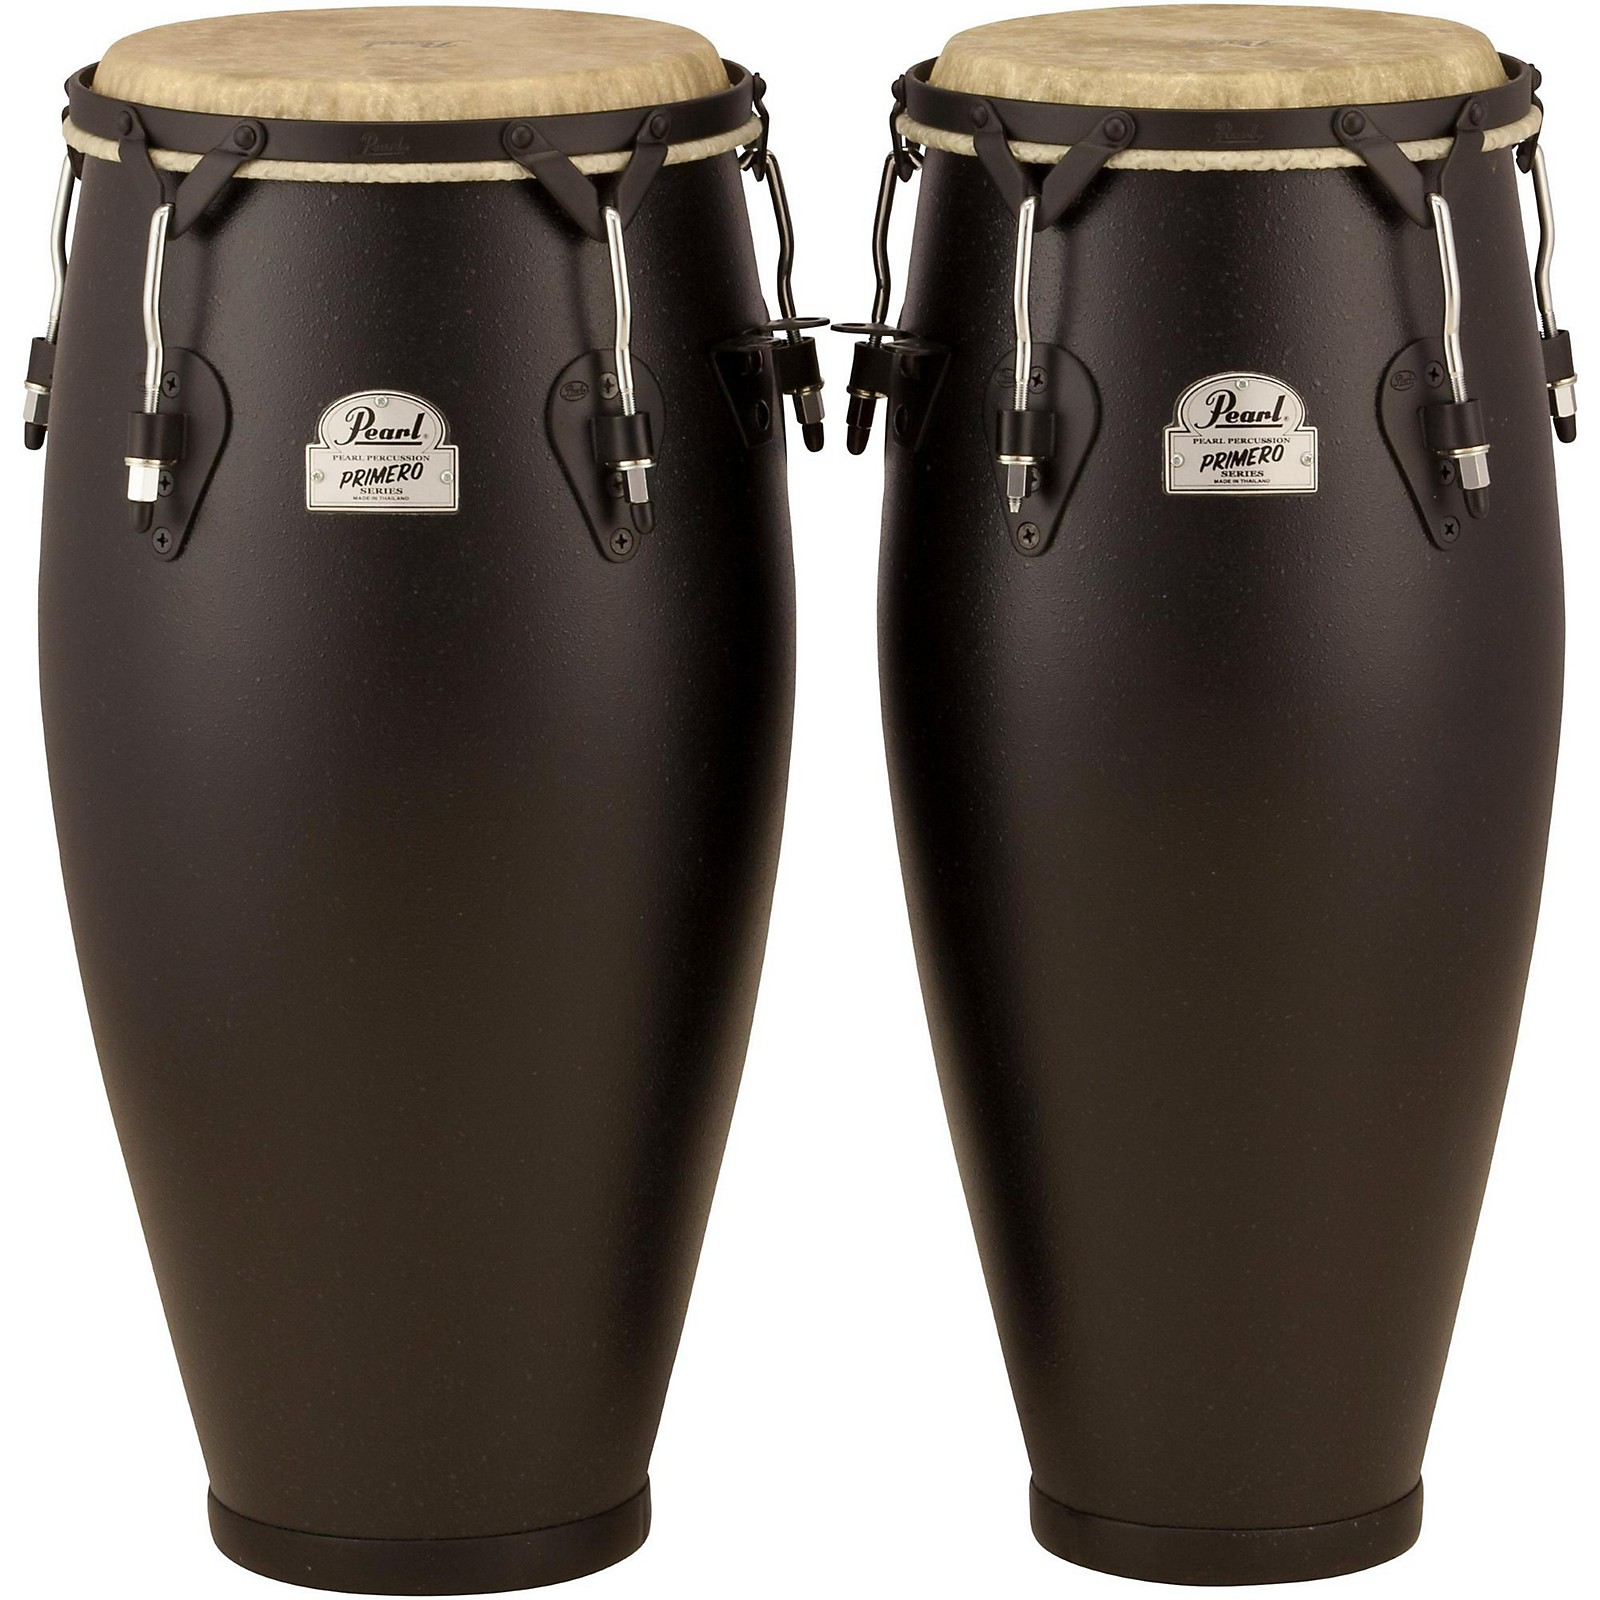 Pearl Primero Field Percussion Fiberglass Conga Set